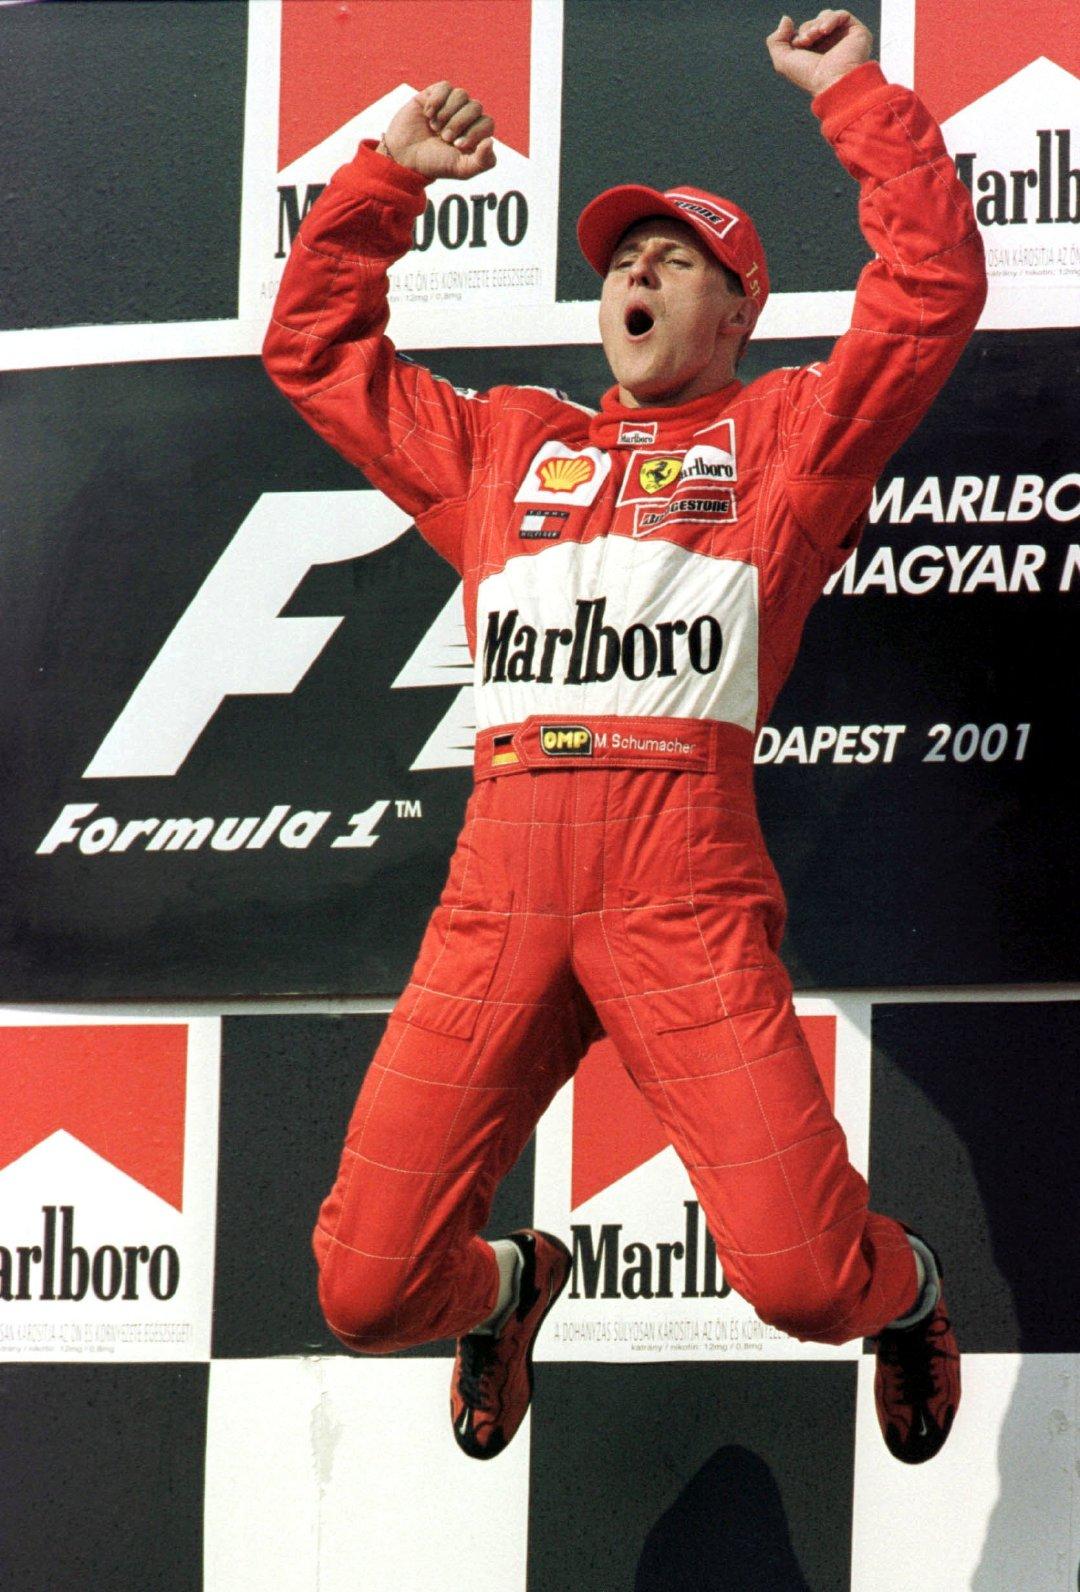 舒马赫与法拉利车队20年前的今天同时卫冕